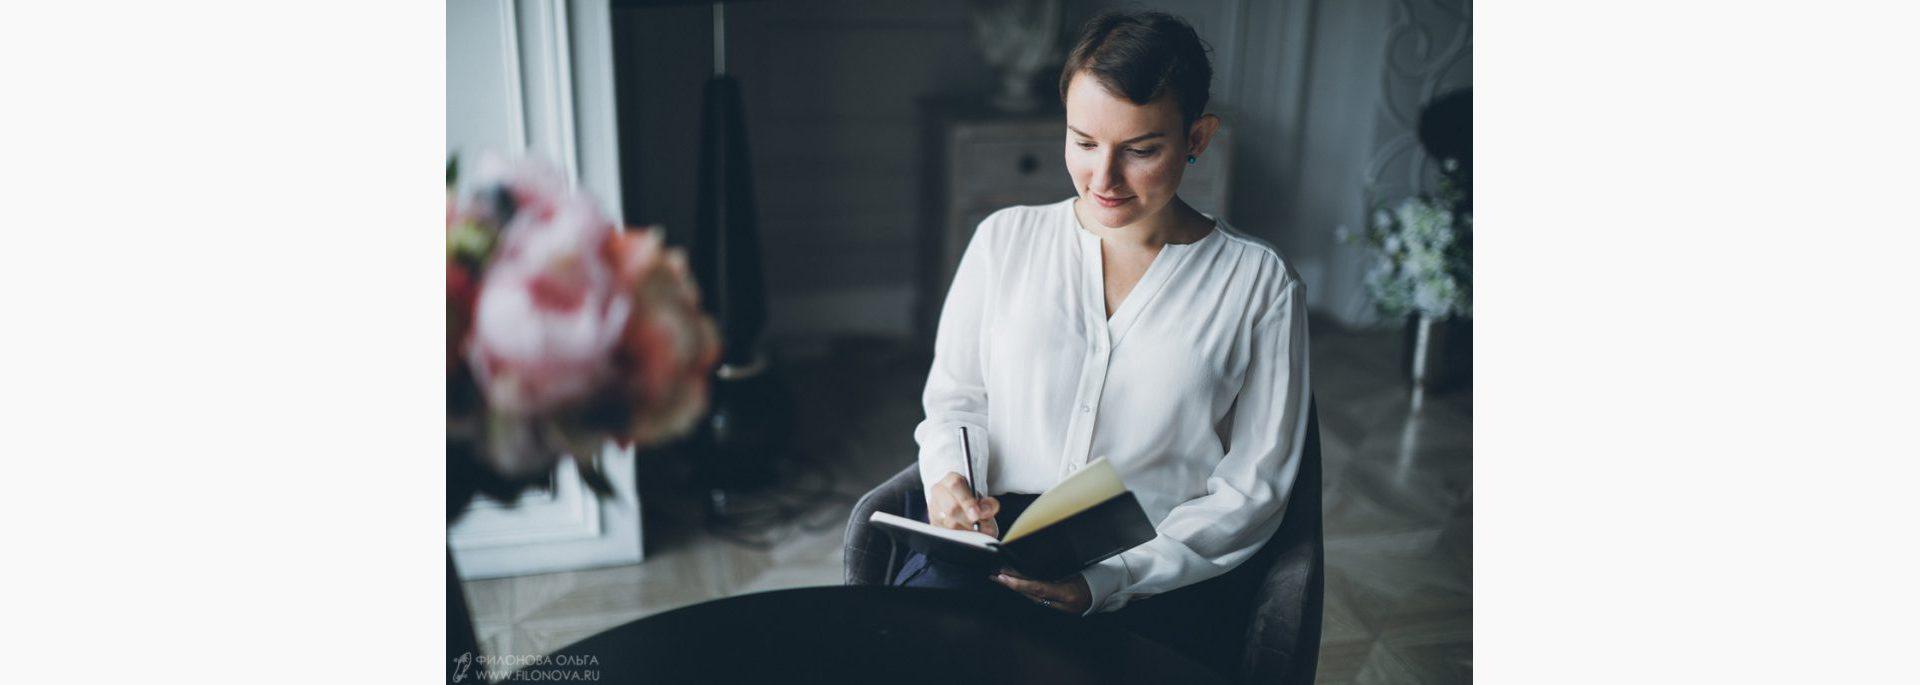 Главные вопросы на собеседовании — ваши